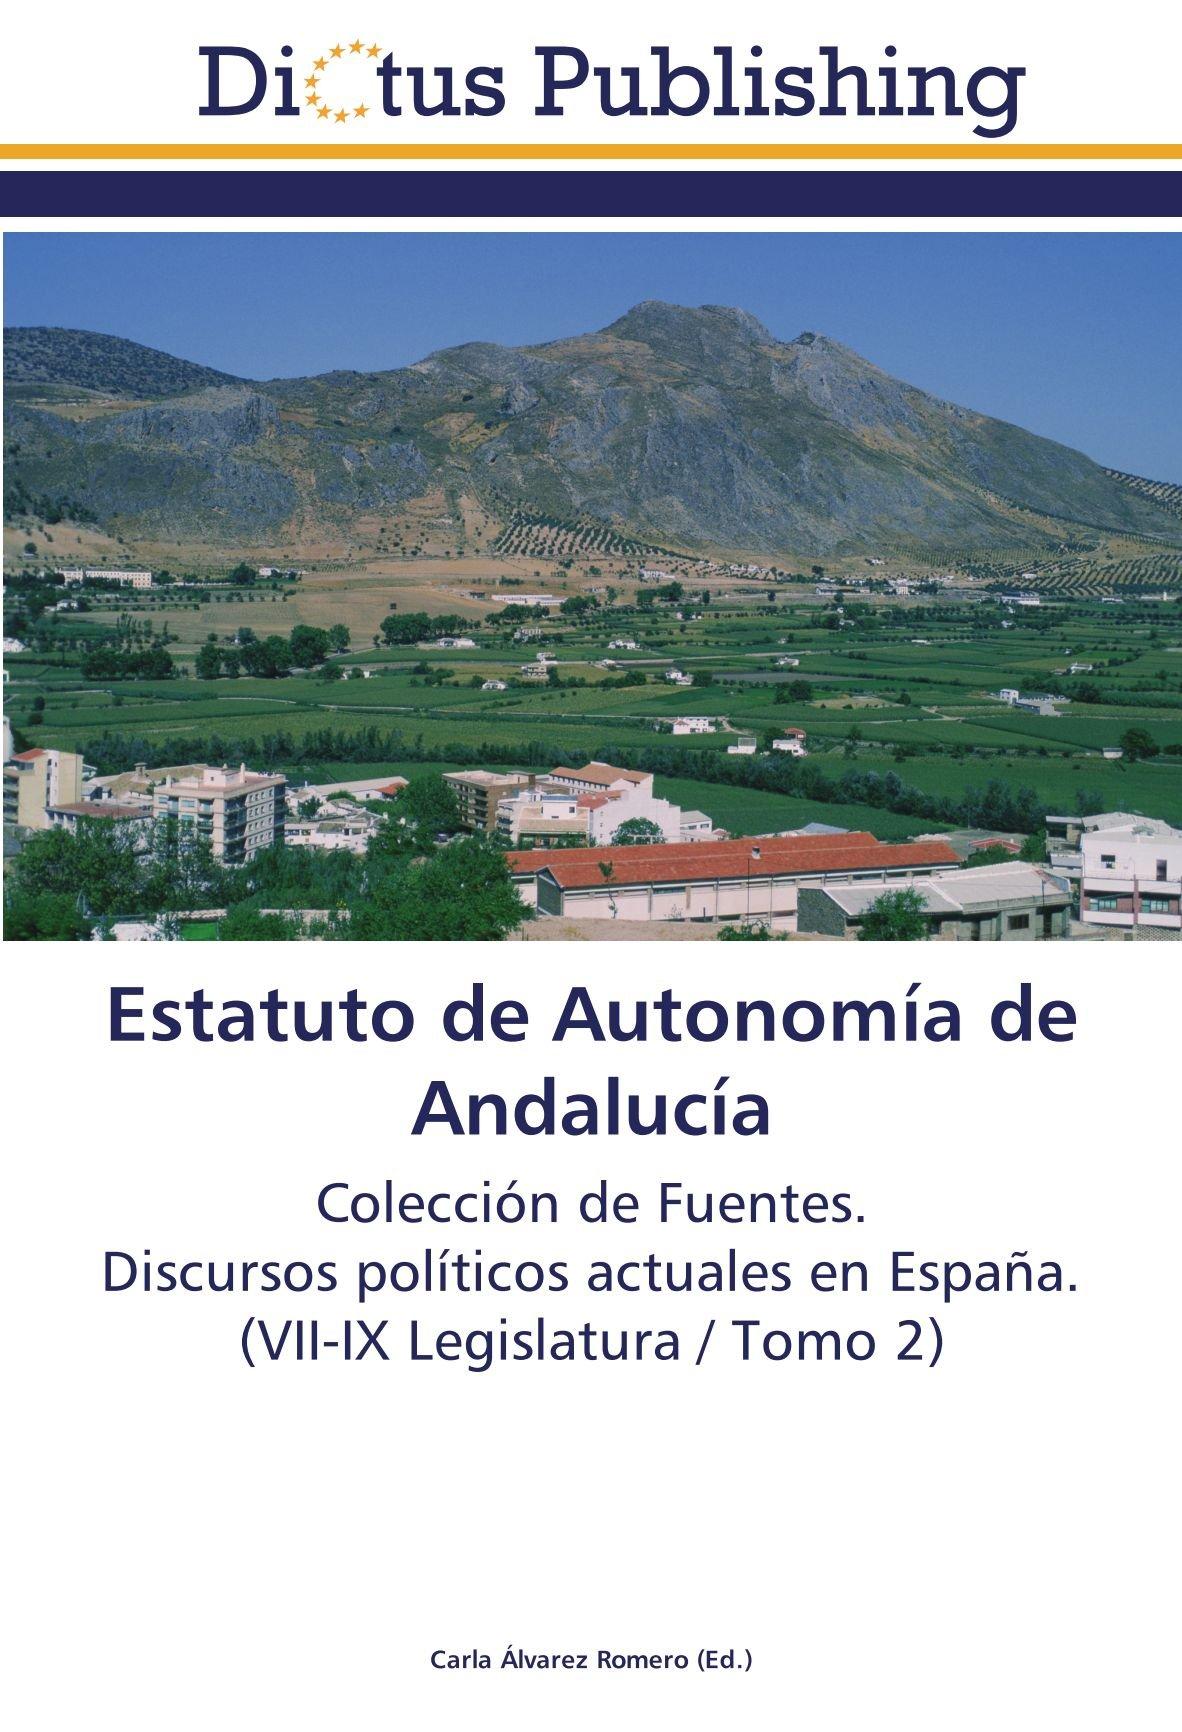 Download Estatuto de Autonomía de Andalucía: Colección de Fuentes.  Discursos políticos actuales en España.  (VII-IX Legislatura / Tomo 2) (Spanish Edition) PDF